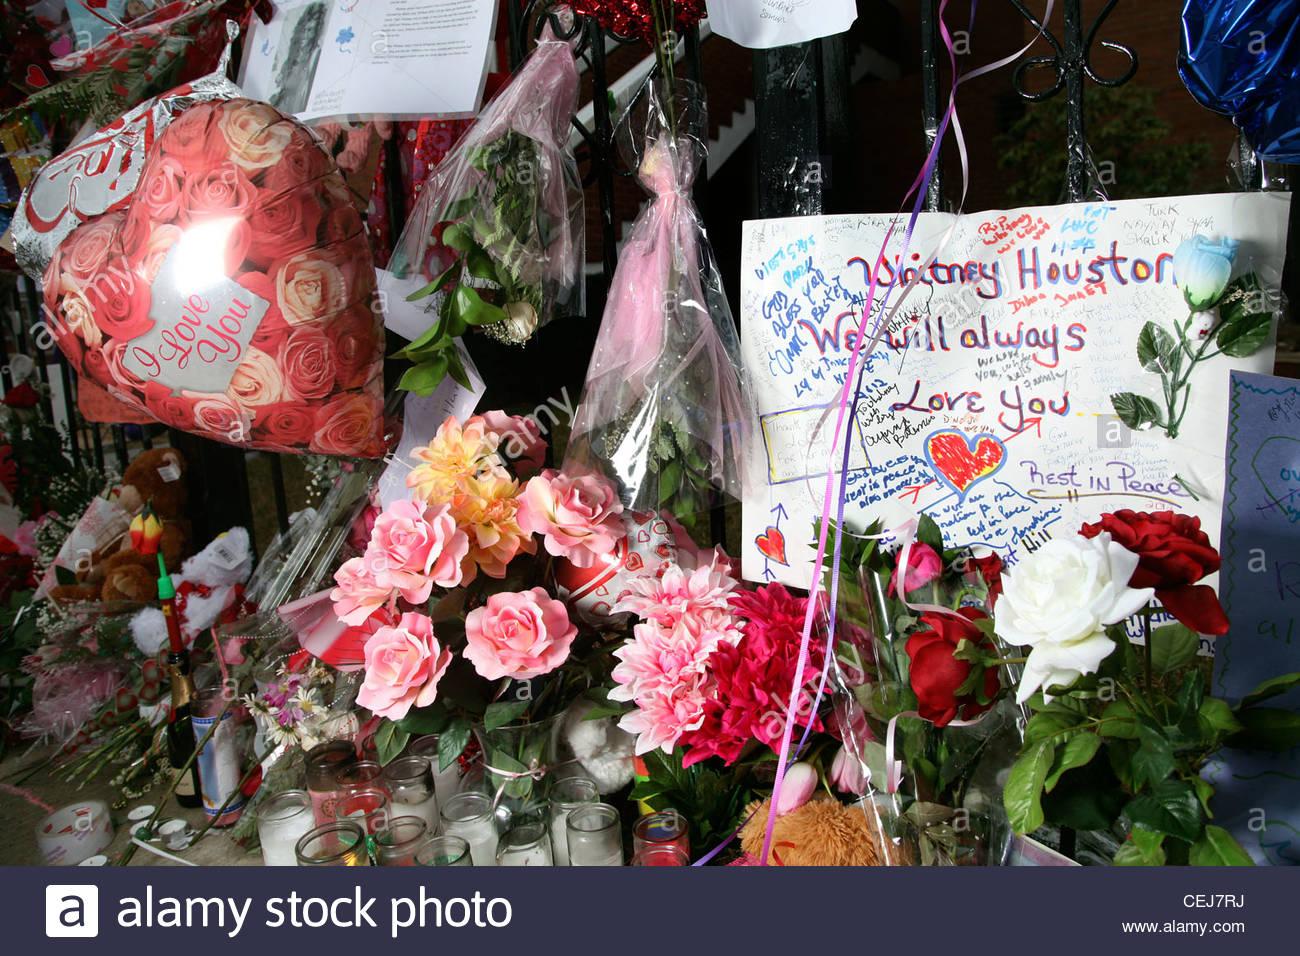 Whitney houston funeral home stock photos whitney houston funeral whitney houstons funeral preparations stock image izmirmasajfo